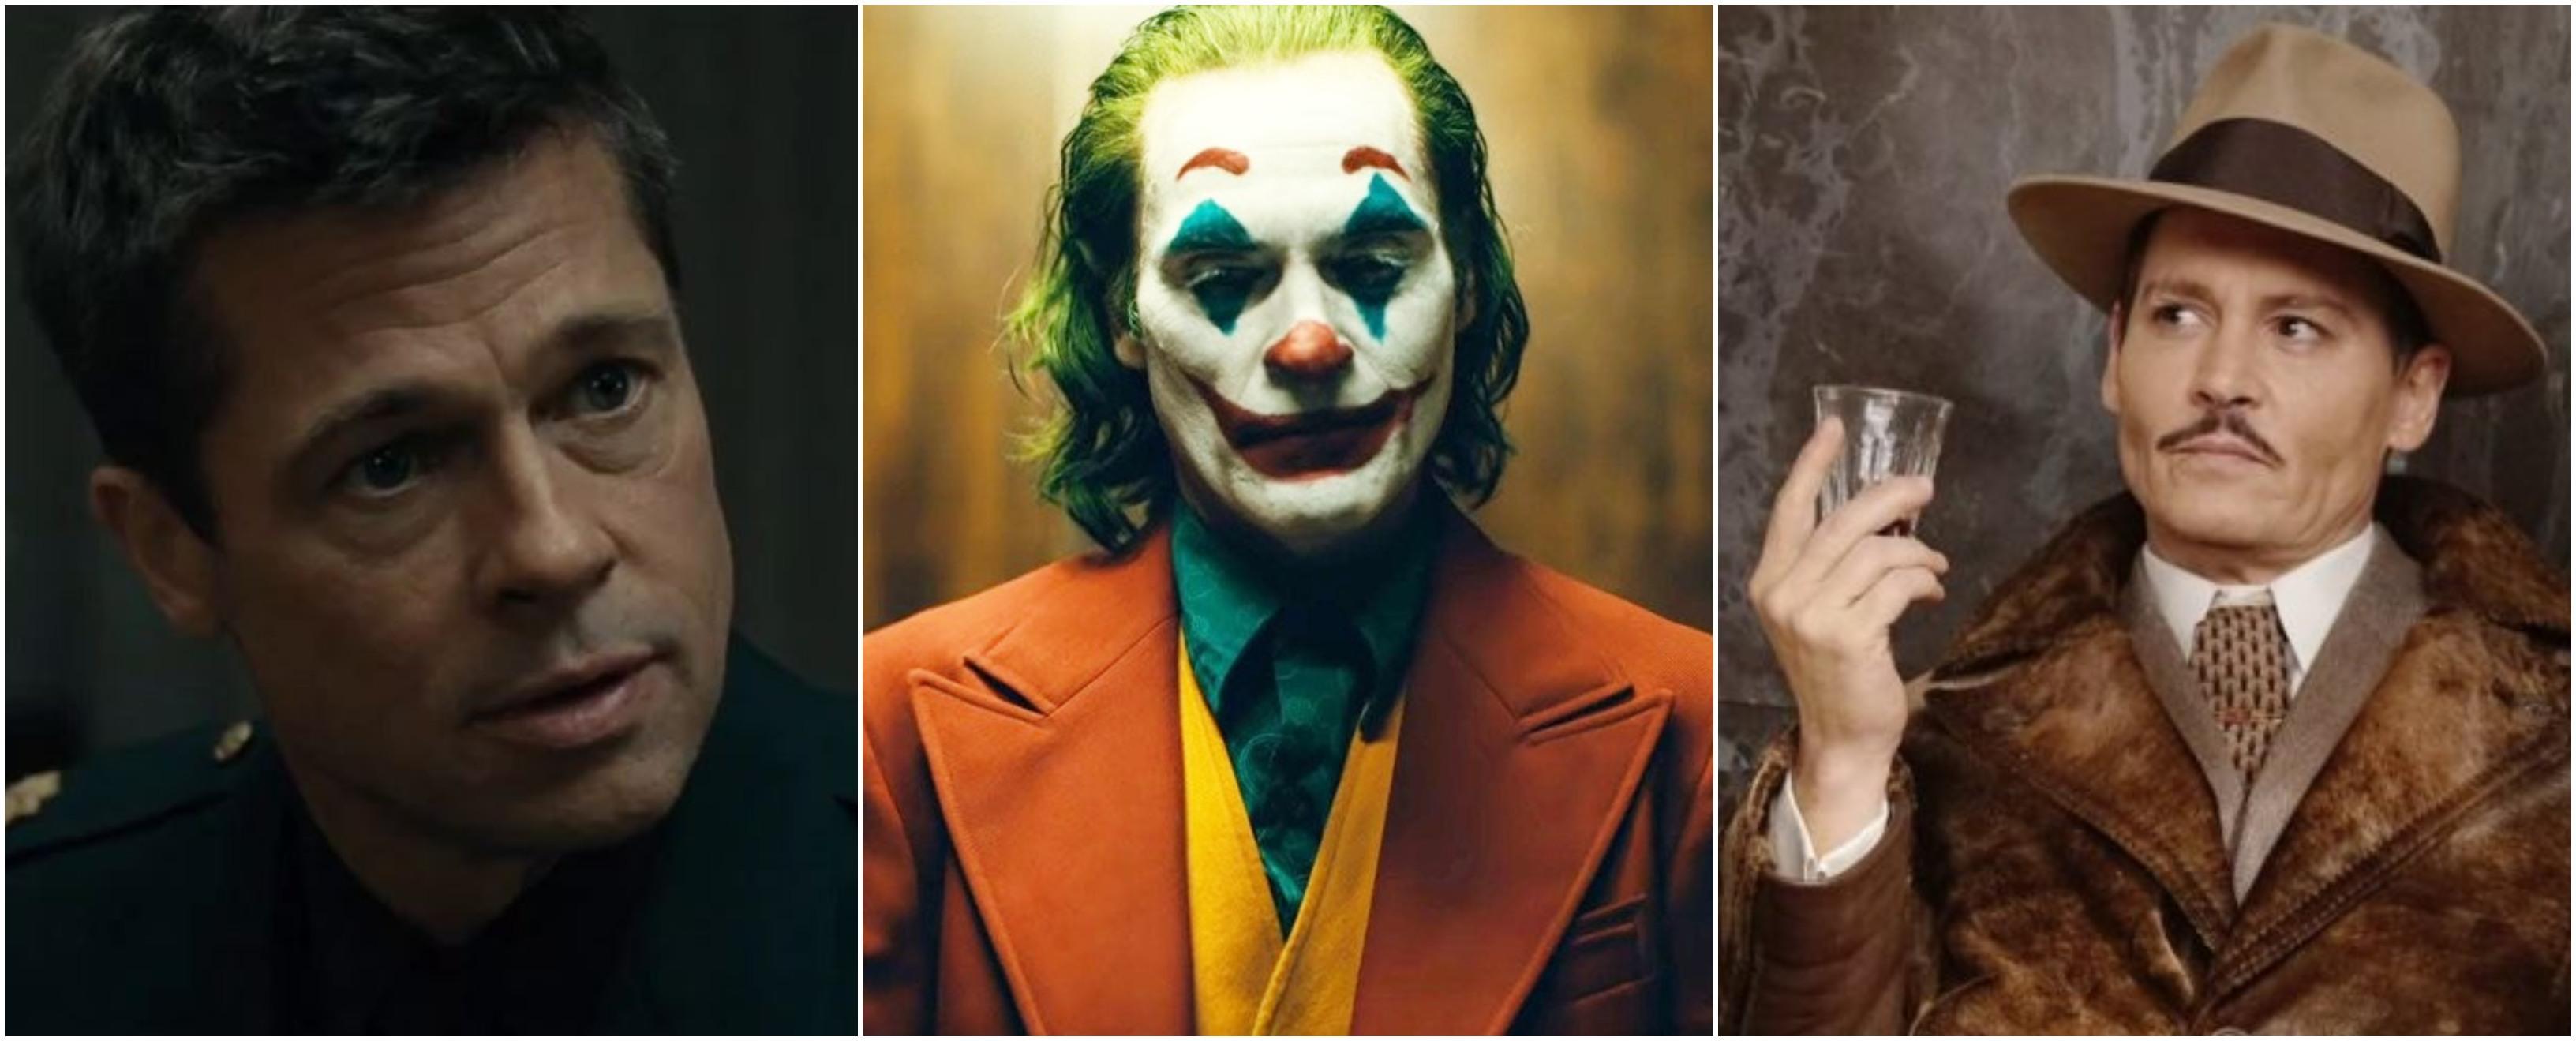 """Programma della Mostra Cinematografica di Venezia 2019: anche """"Joker"""" tra i film in concorso"""